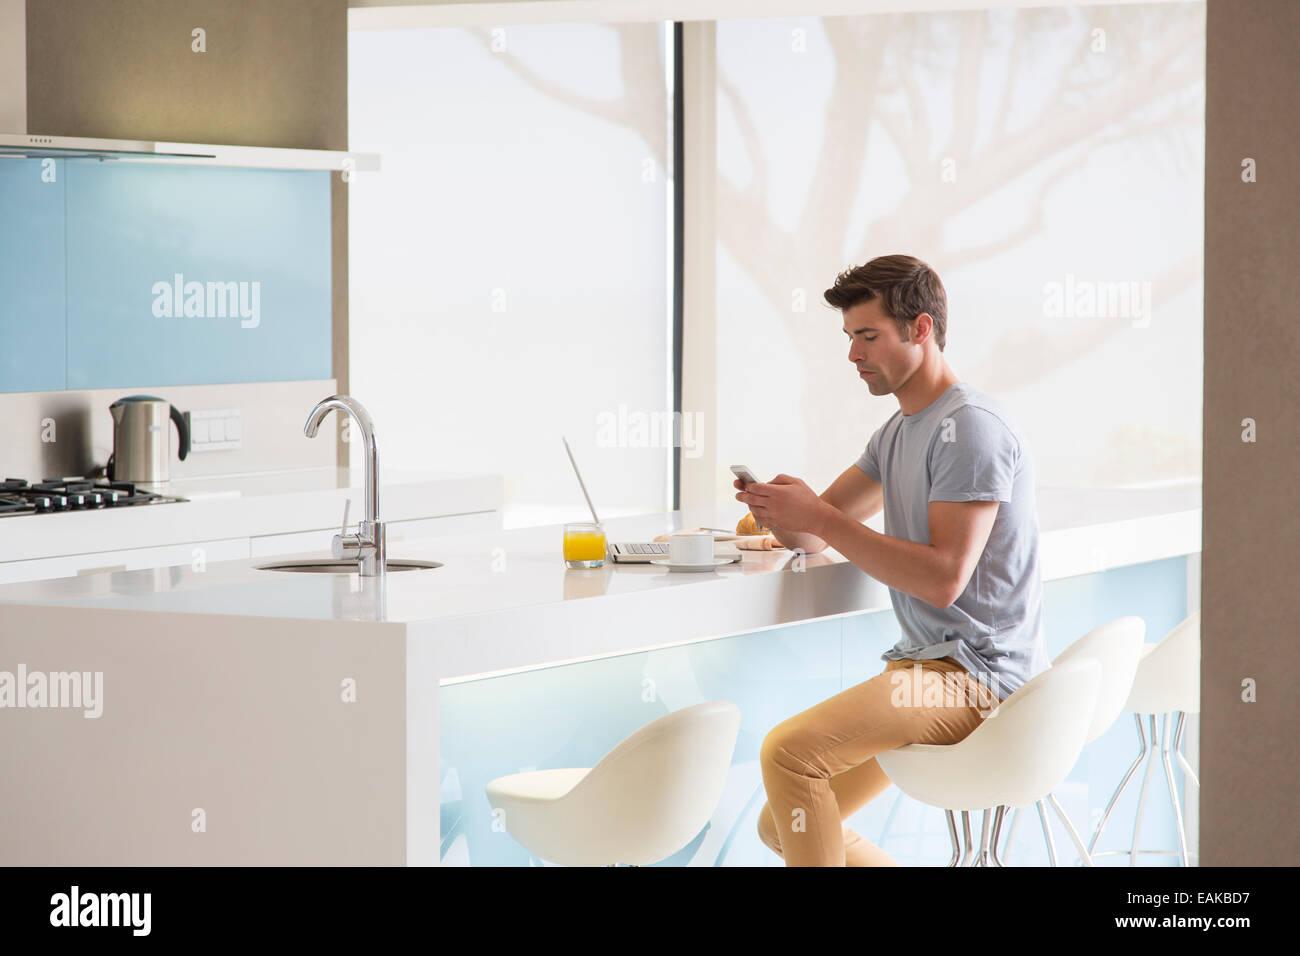 Man sitzt auf Hocker an Kücheninsel und Telefon Stockfoto, Bild ...